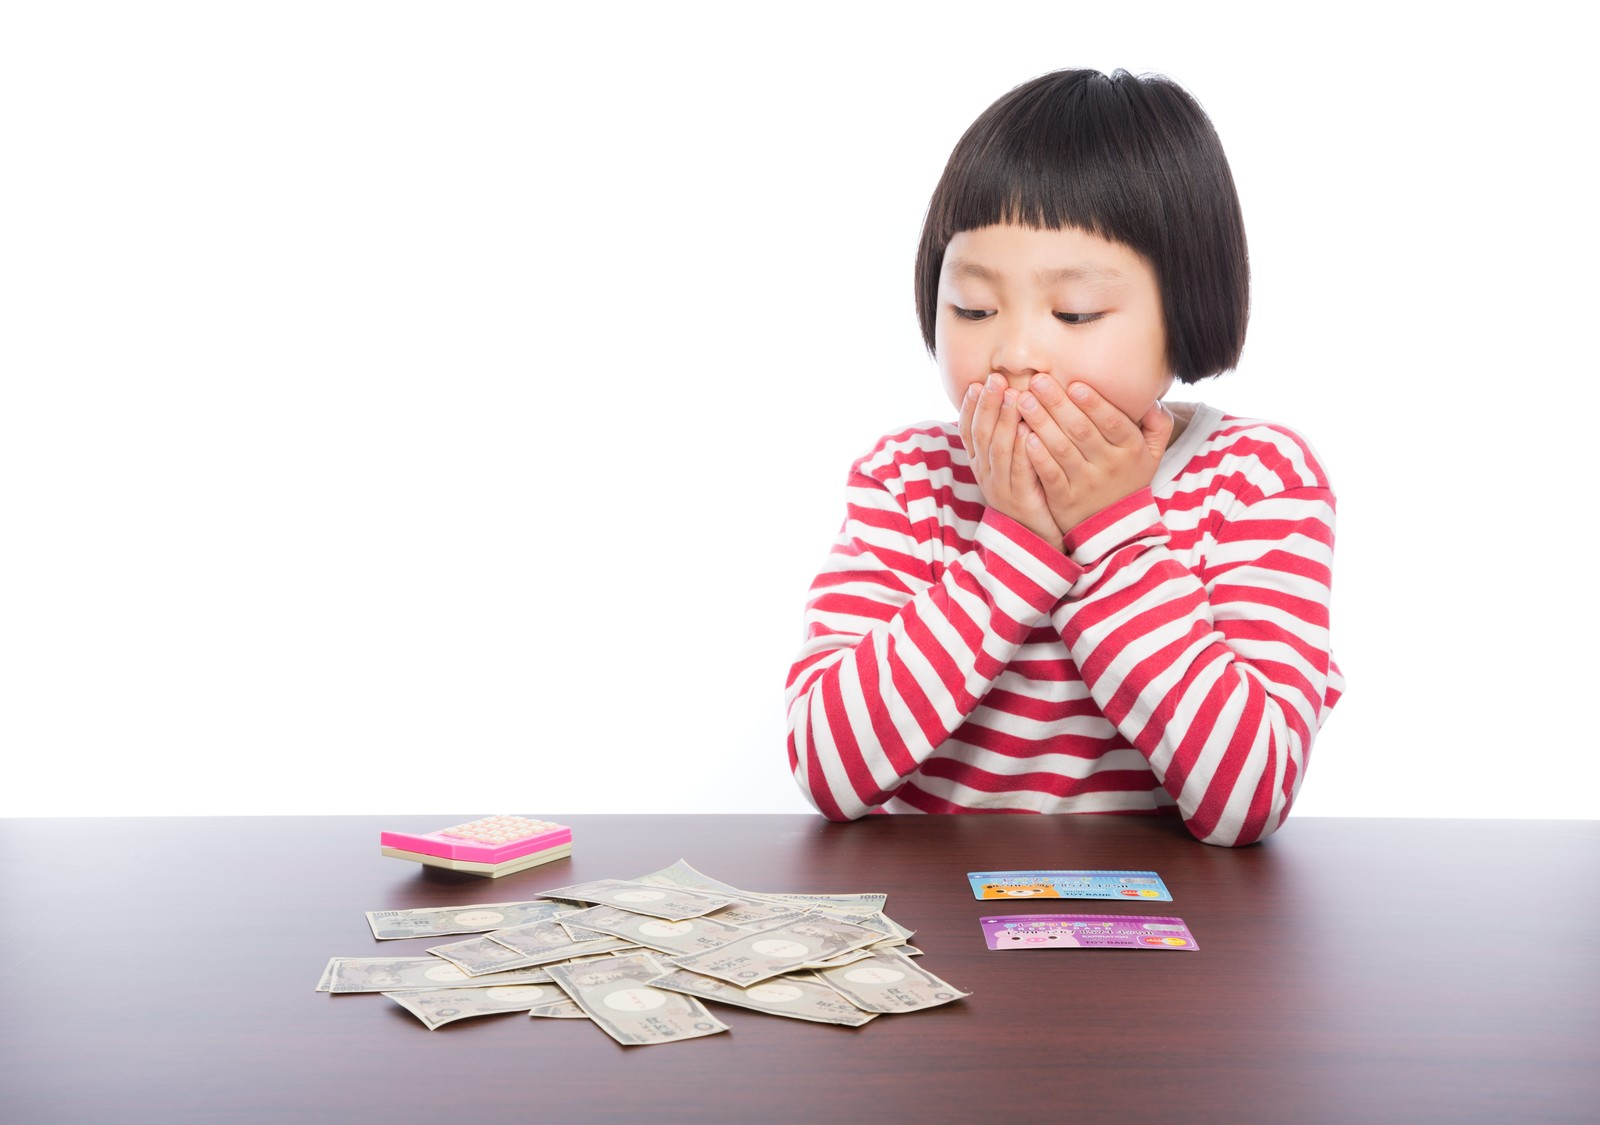 学資保険の必要性ってどんなもの?子供のために考えてみよう!